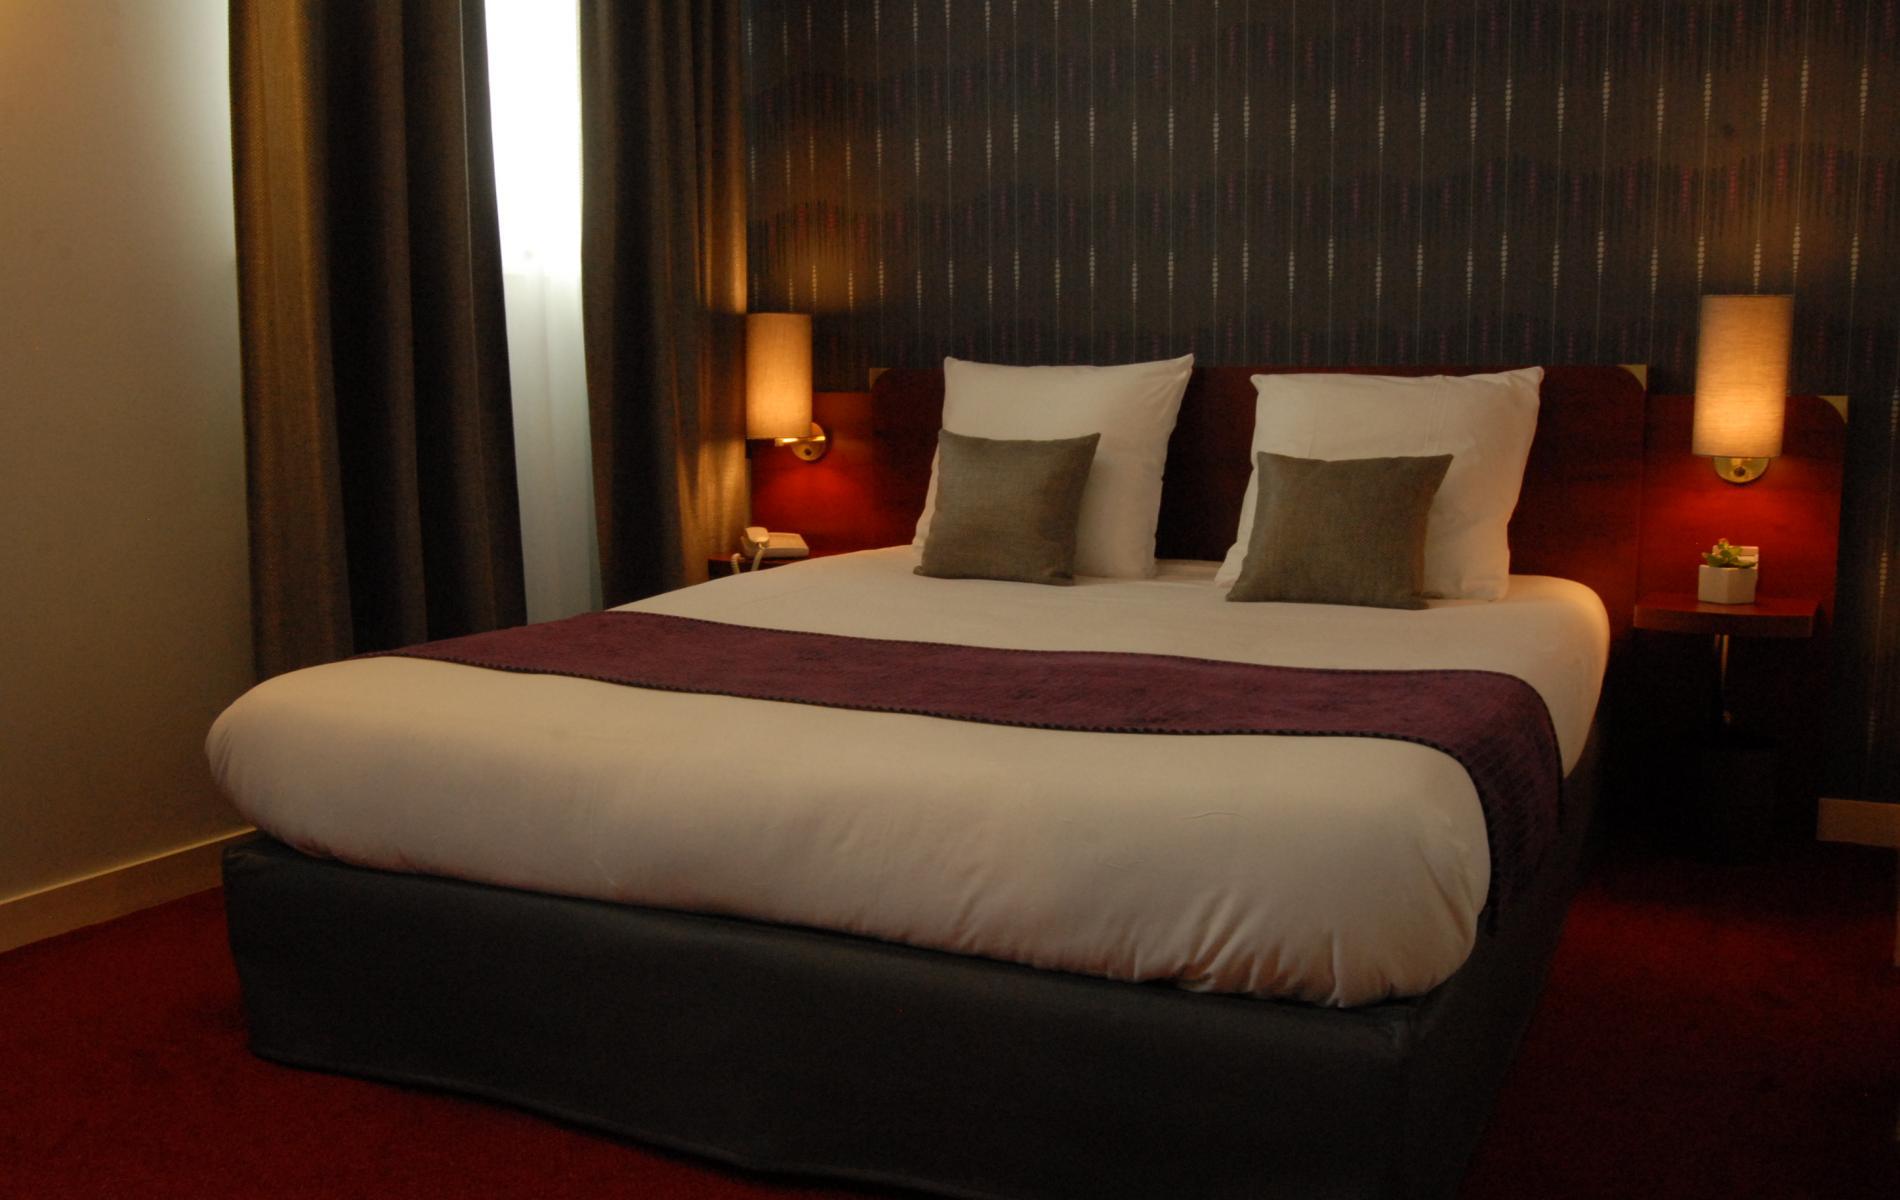 Chambre supérieure de l'hôtel Le Pélican proche de Saumur